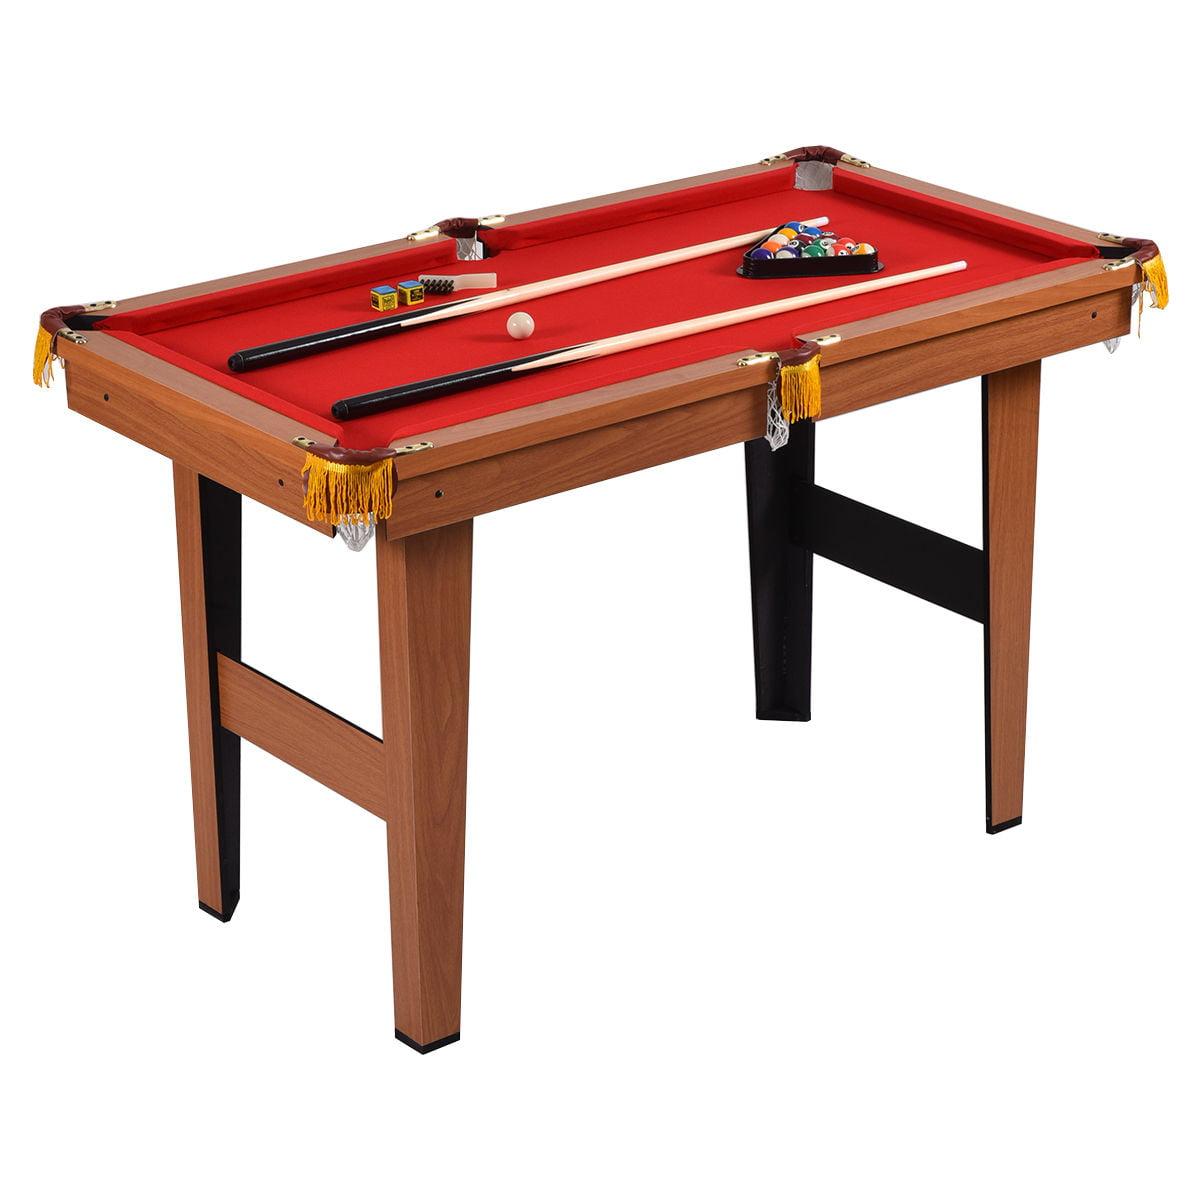 Beringer Sierra 8u0027 Pool Table   Walmart.com